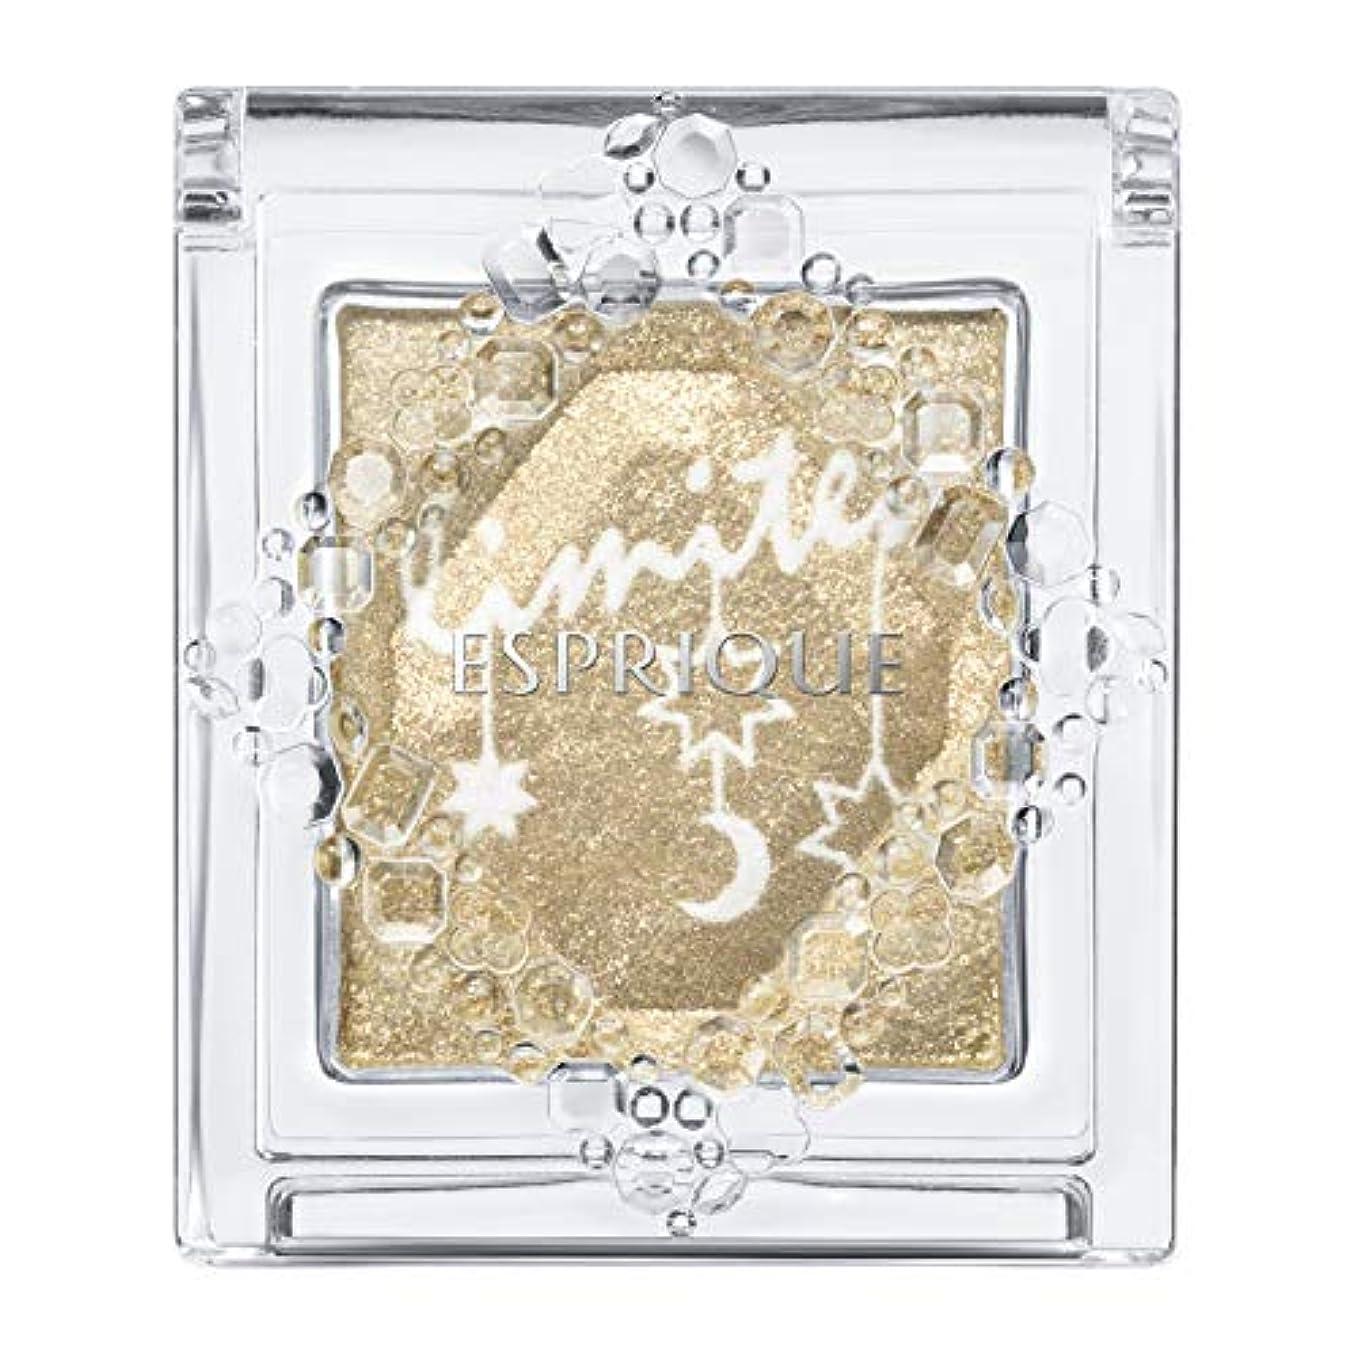 シマウマ立法可決エスプリーク セレクト アイカラー GD004 ゴールド系 1.5g